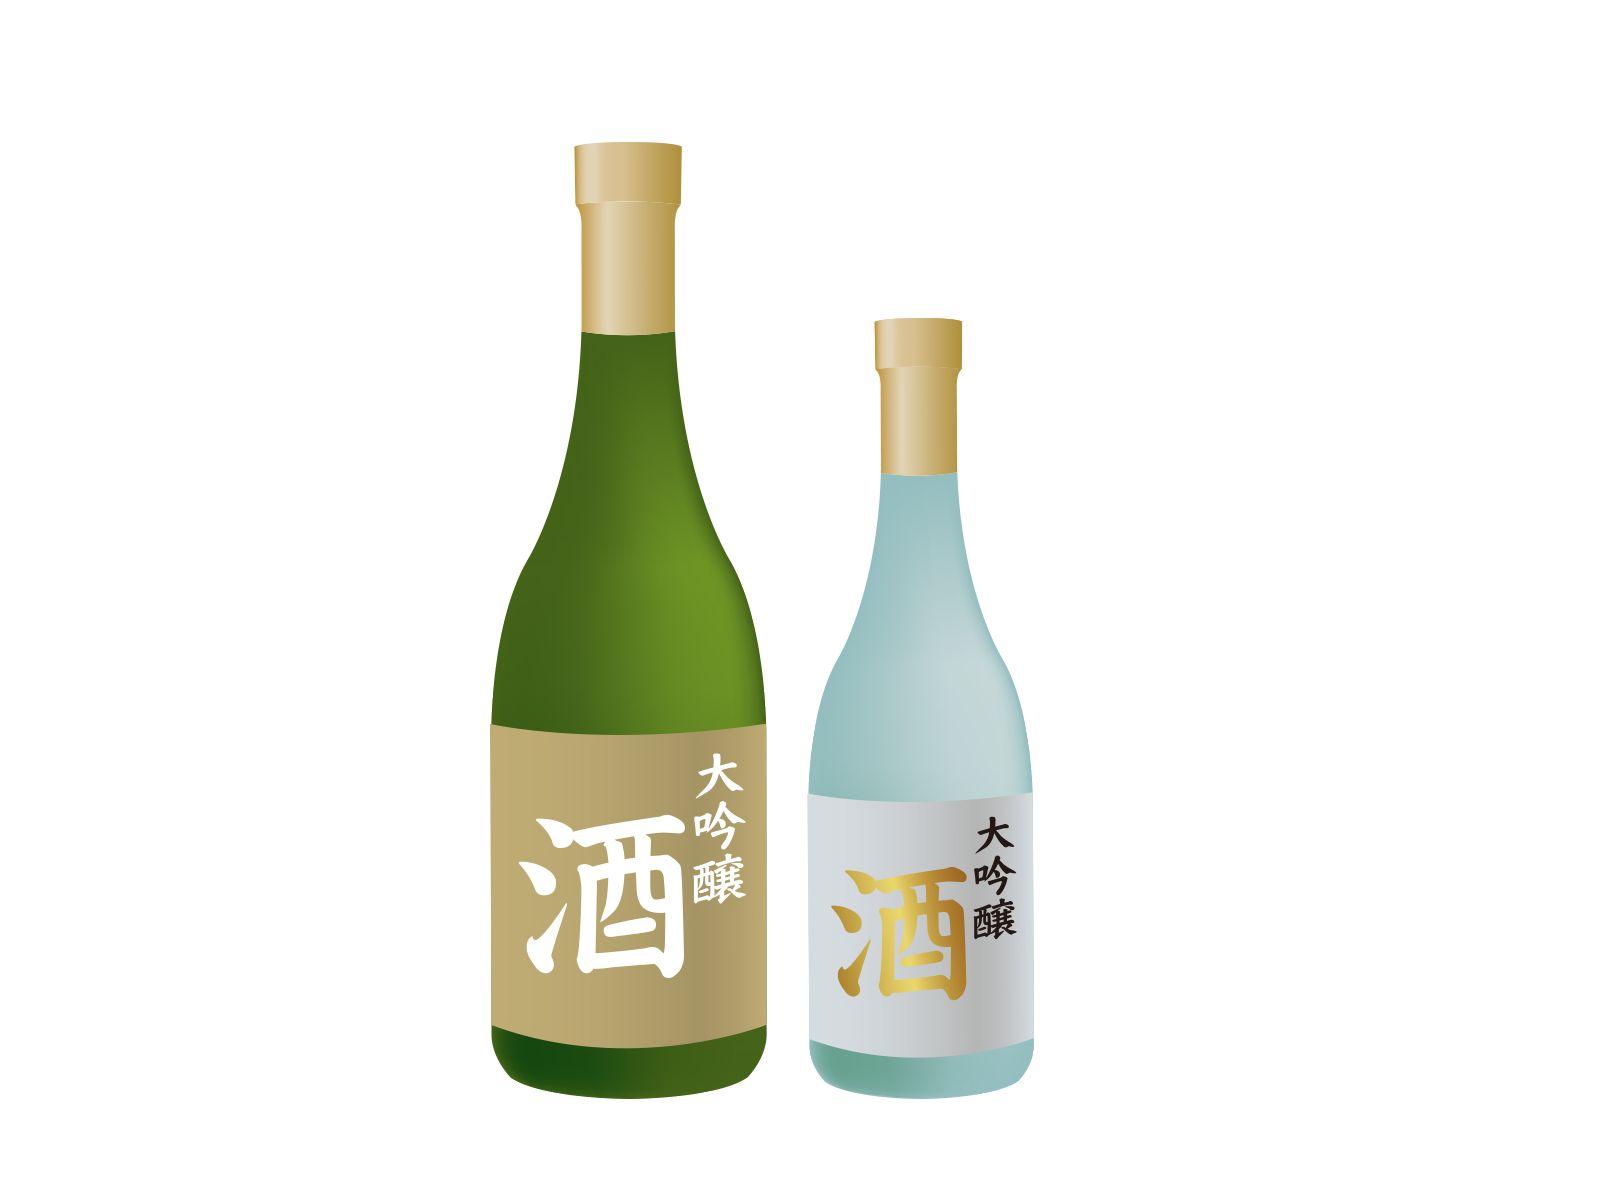 板橋駅 トランクルーム トランクルーム使い方色々 ~日本酒ビン~